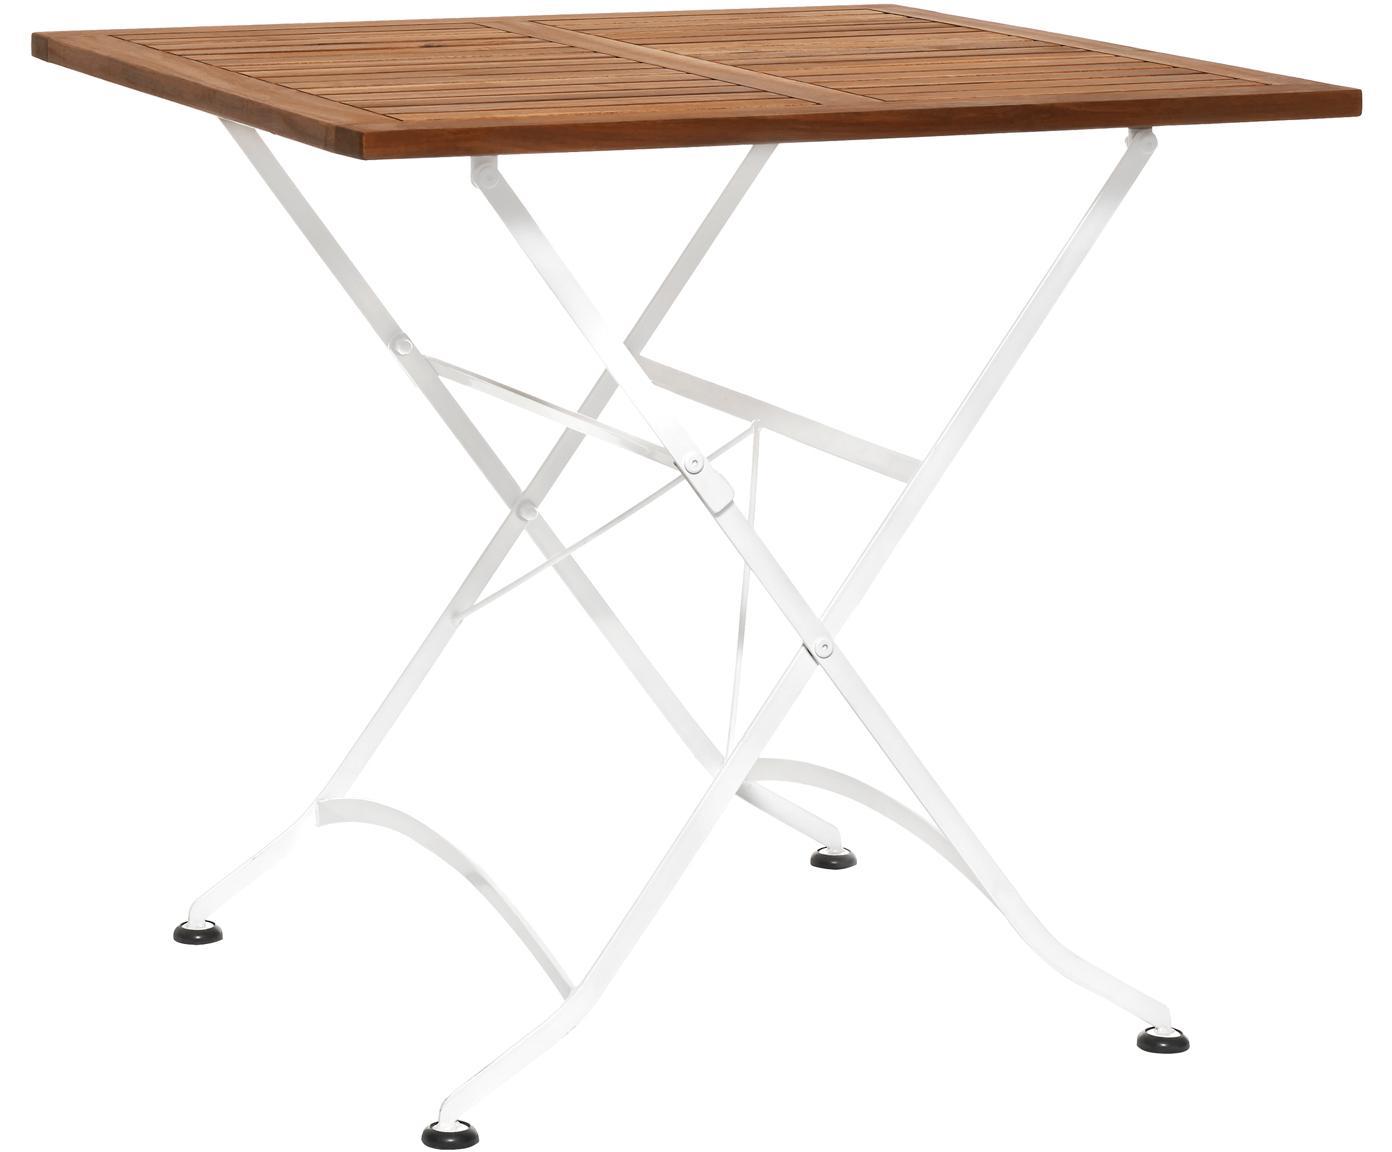 Klappbarer Gartentisch Parklife mit Holzplatte, Tischplatte: Akazienholz, geölt,, Gestell: Metall, verzinkt, pulverb, Weiß, Akazienholz, 80 x 75 cm